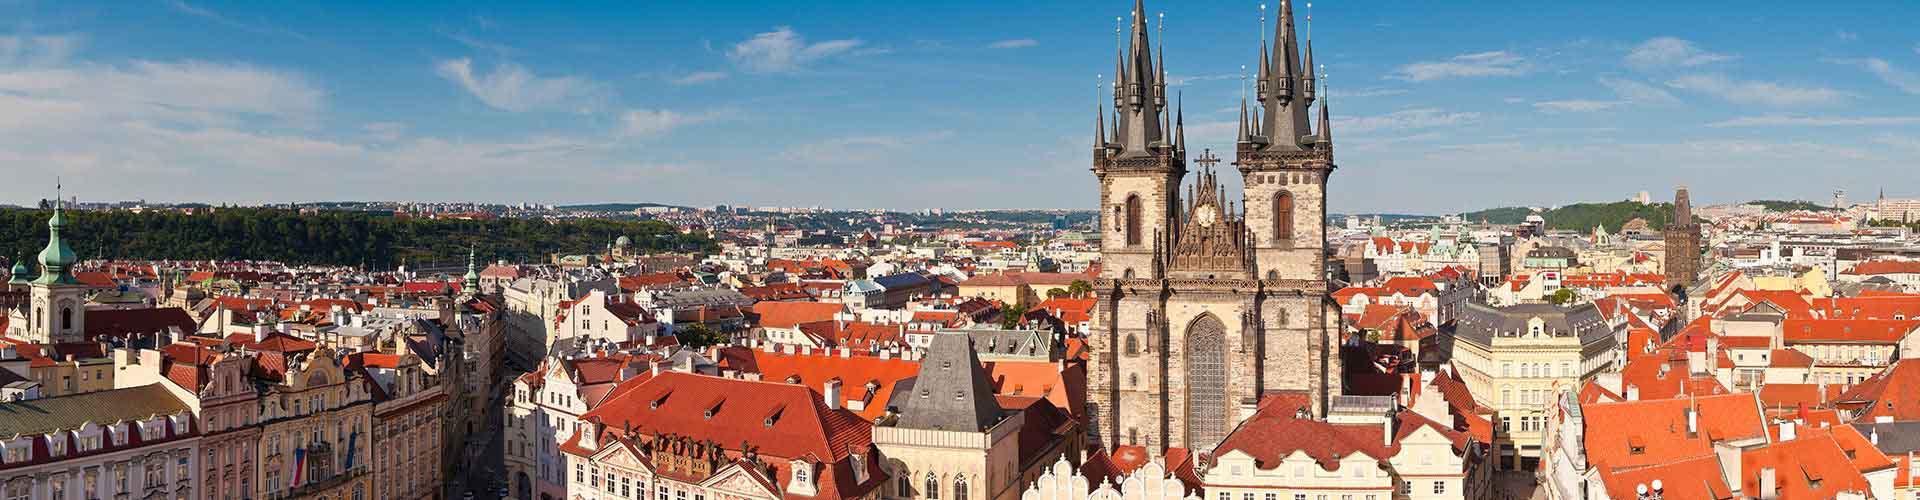 Praga - Habitaciones cerca a Iglesia de Tyn. Mapas de Praga, Fotos y comentarios de cada Habitación en Praga.